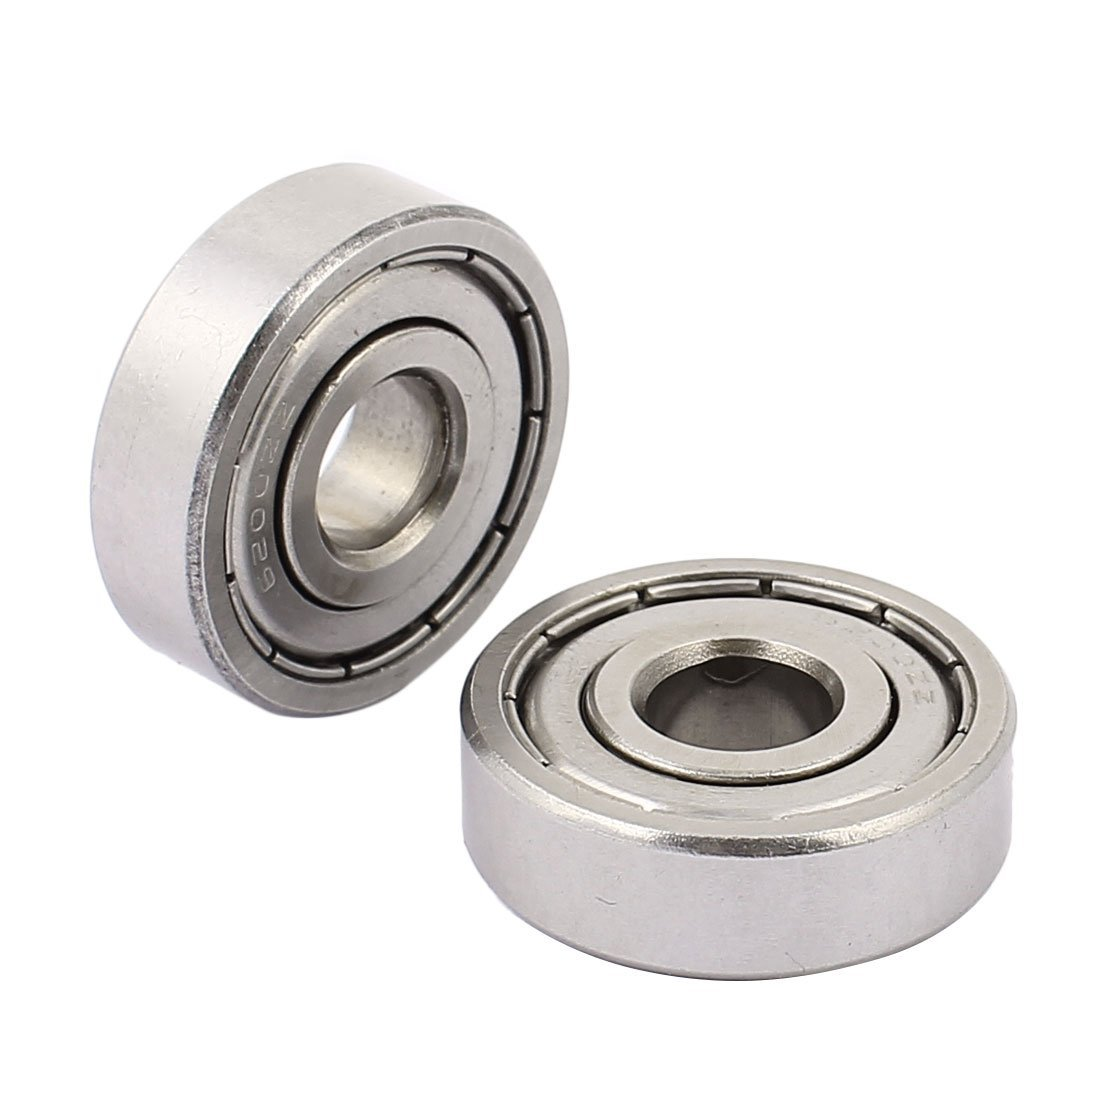 eDealMax 6200 ropa No Bajo nivel de ruido de ranura profunda exceso de velocidad de la bola de cojinete 10 x 30 x 9 mm 5pcs: Amazon.com: Industrial & ...